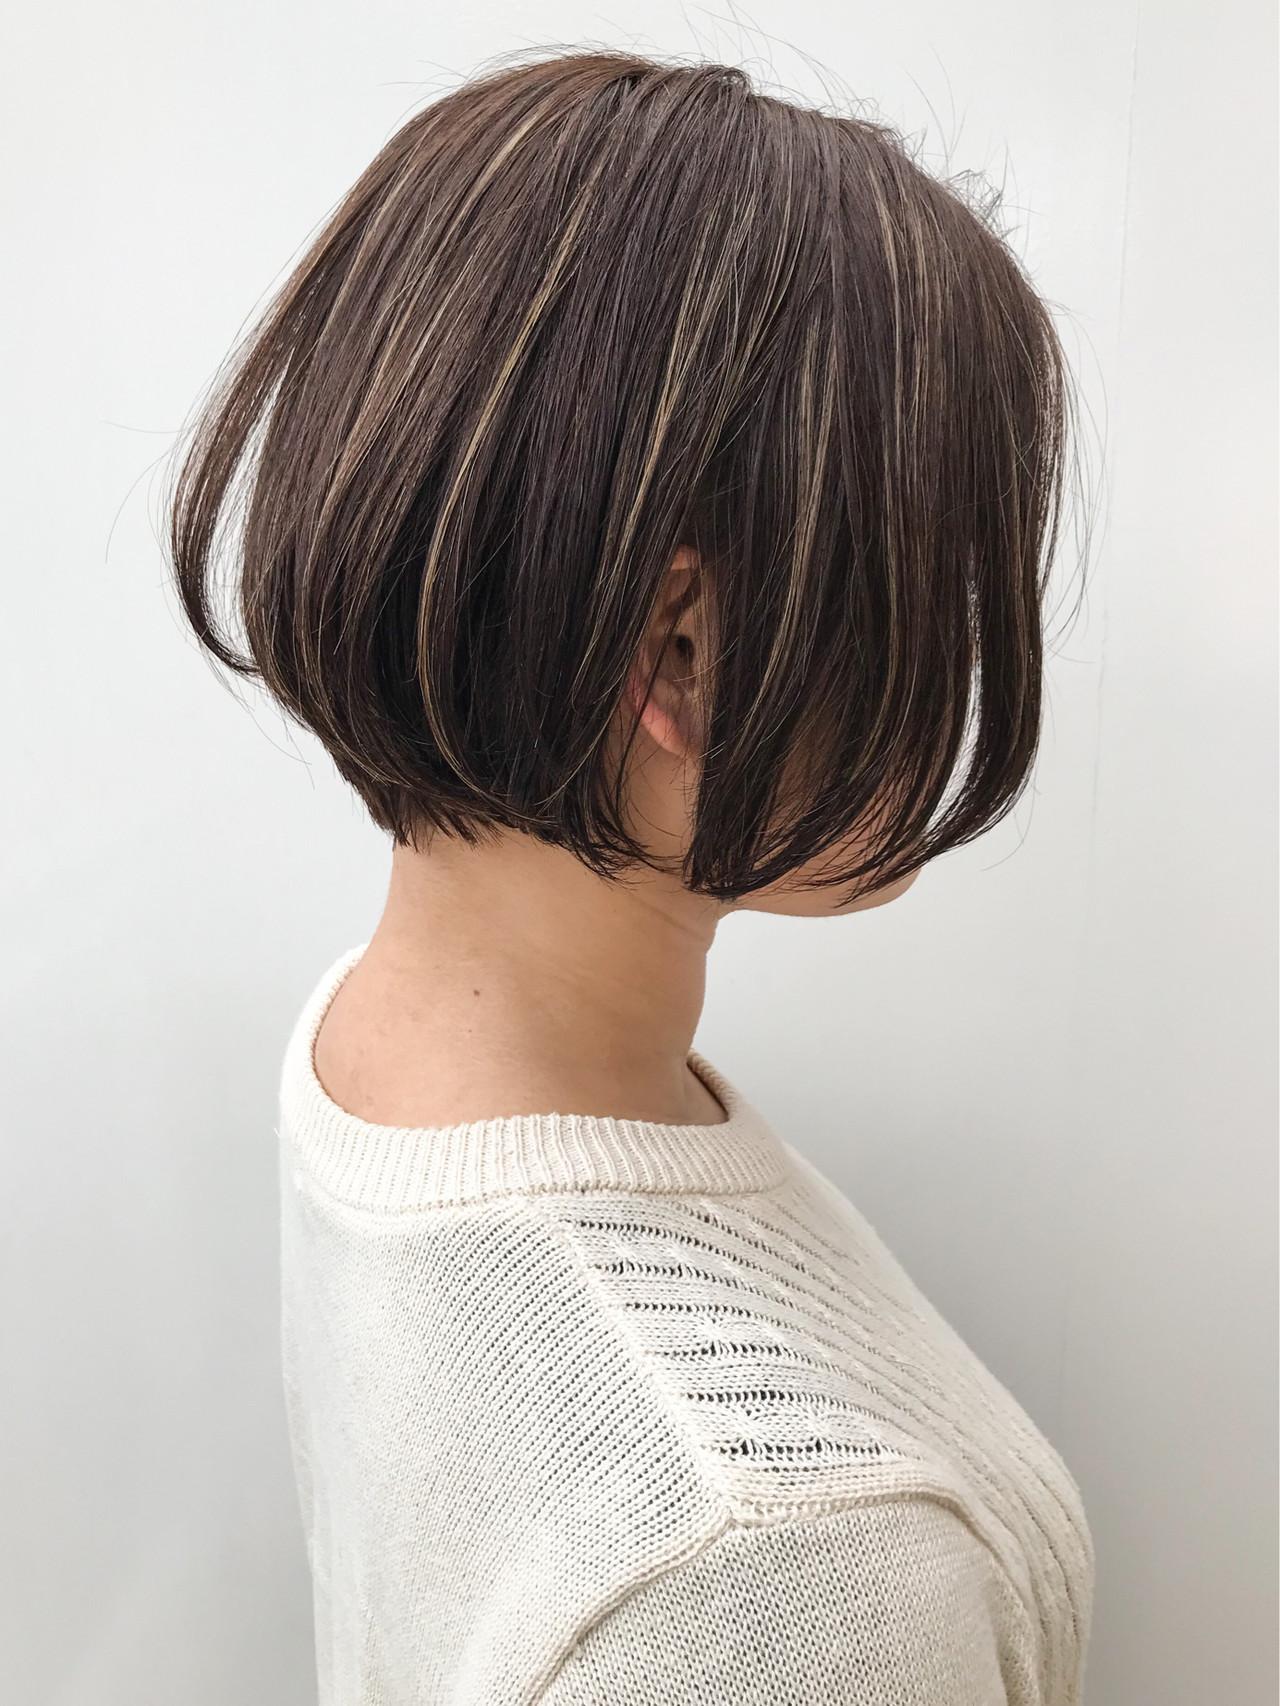 コンサバ ナチュラル ボブ 大人女子 ヘアスタイルや髪型の写真・画像